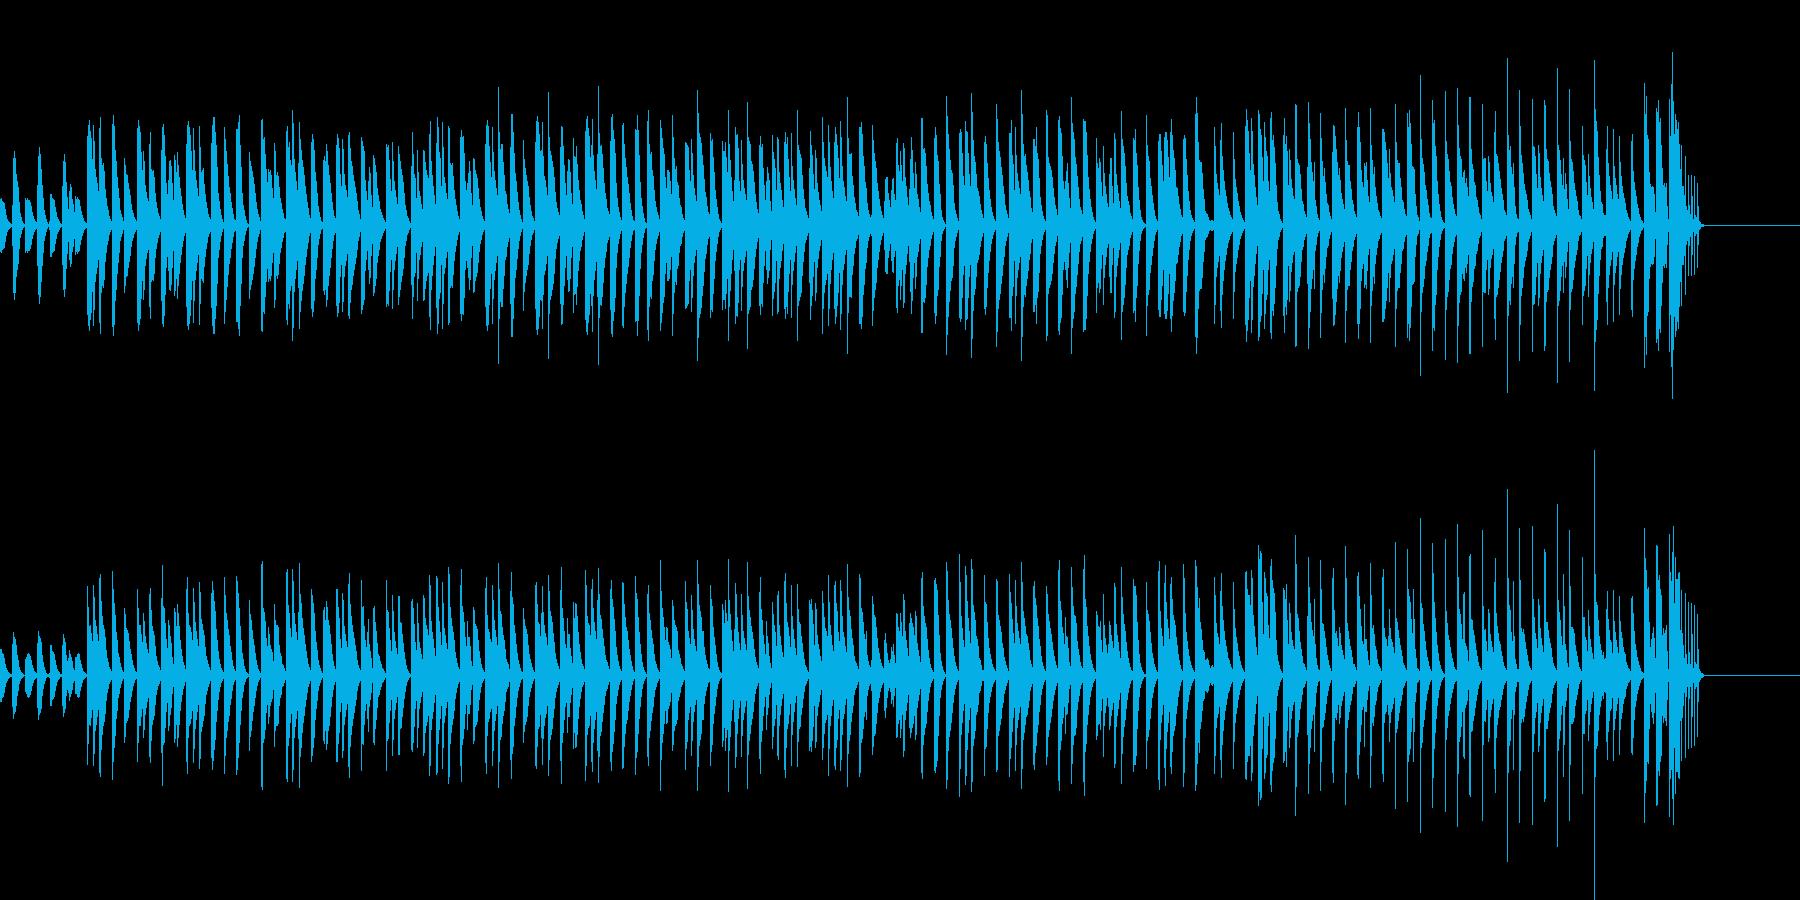 木琴が奏でるほのぼのとしたBGMの再生済みの波形